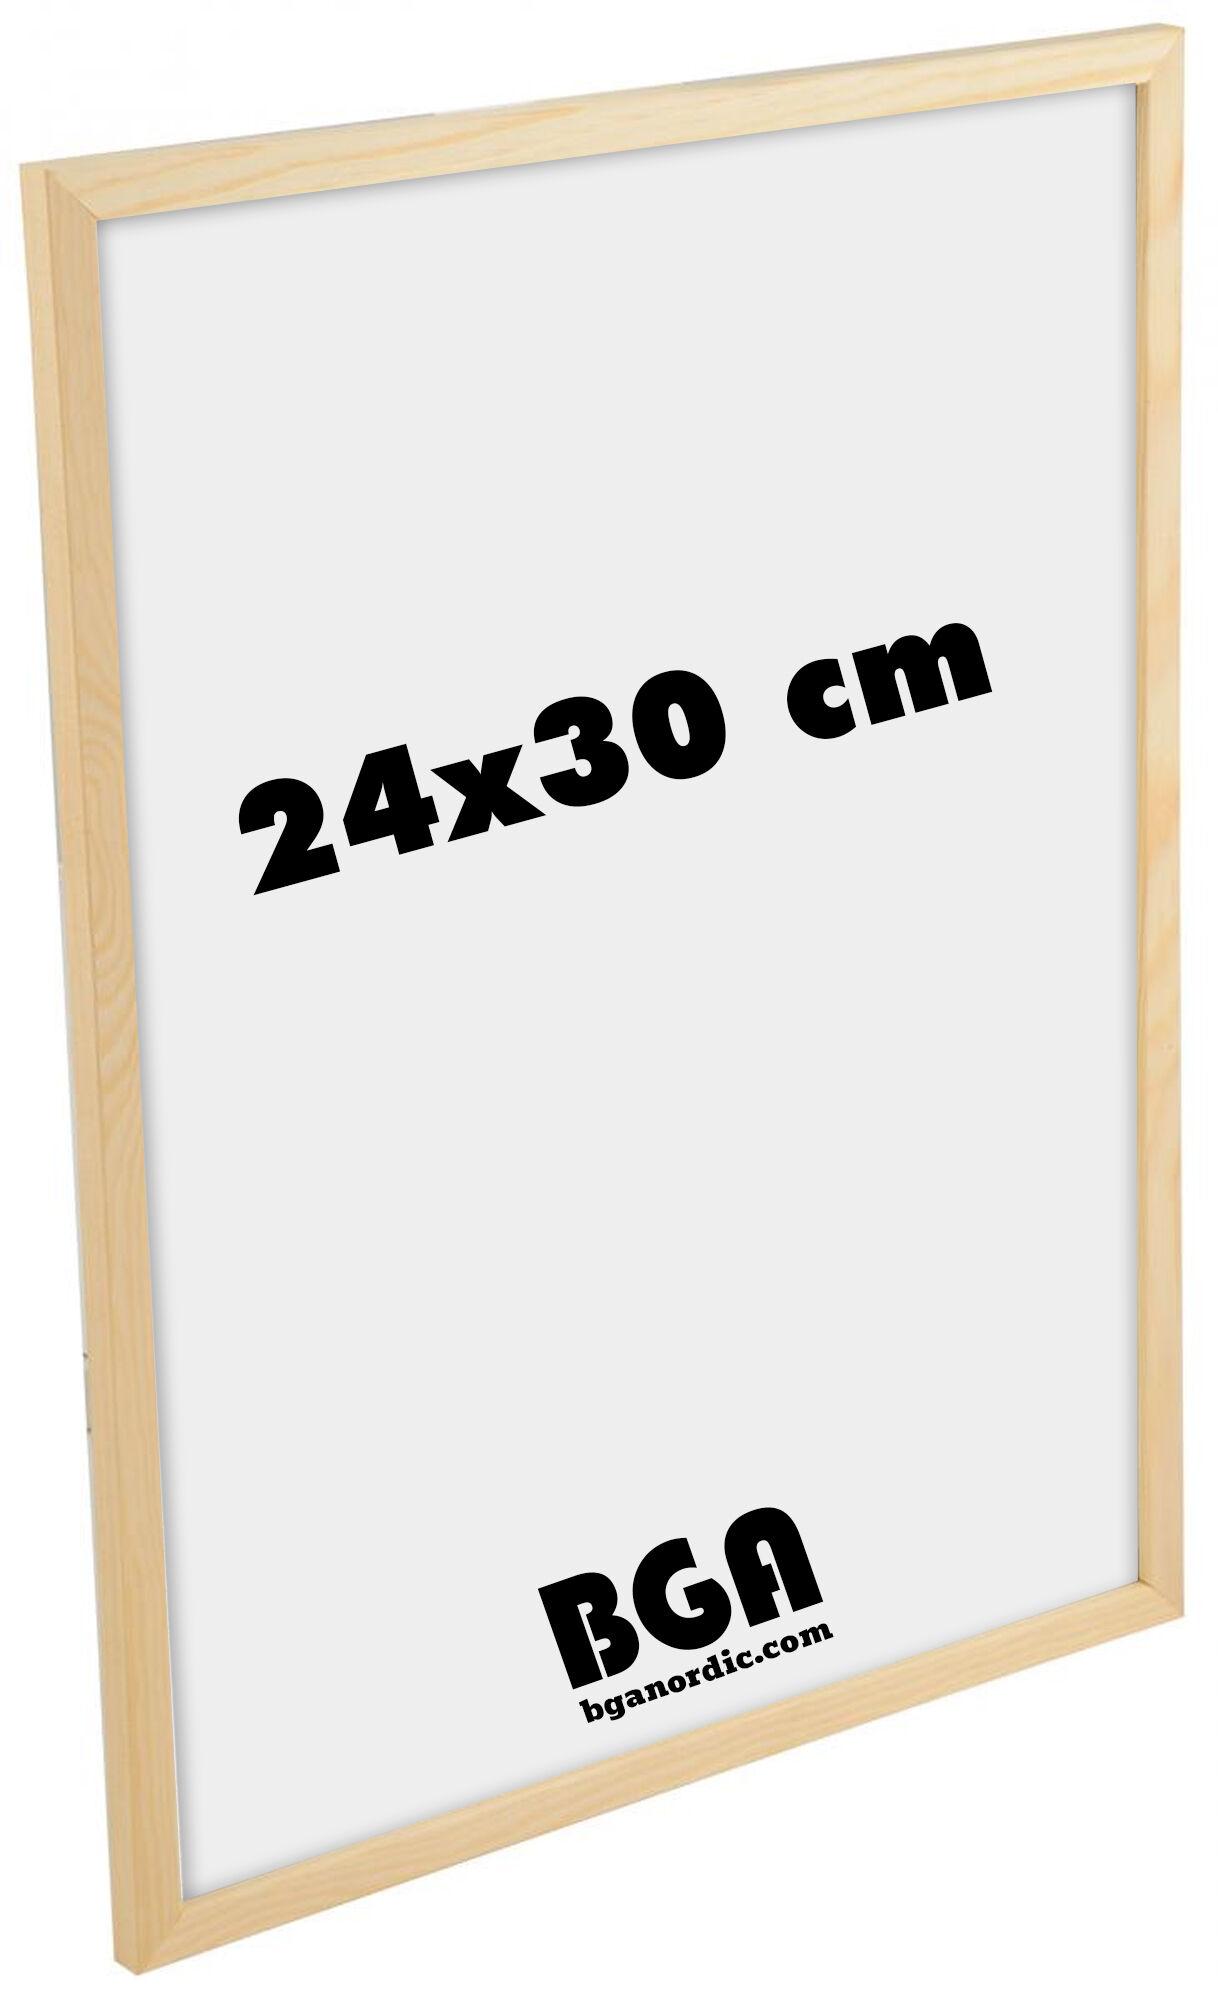 Estancia Galant Mänty 24x30 cm